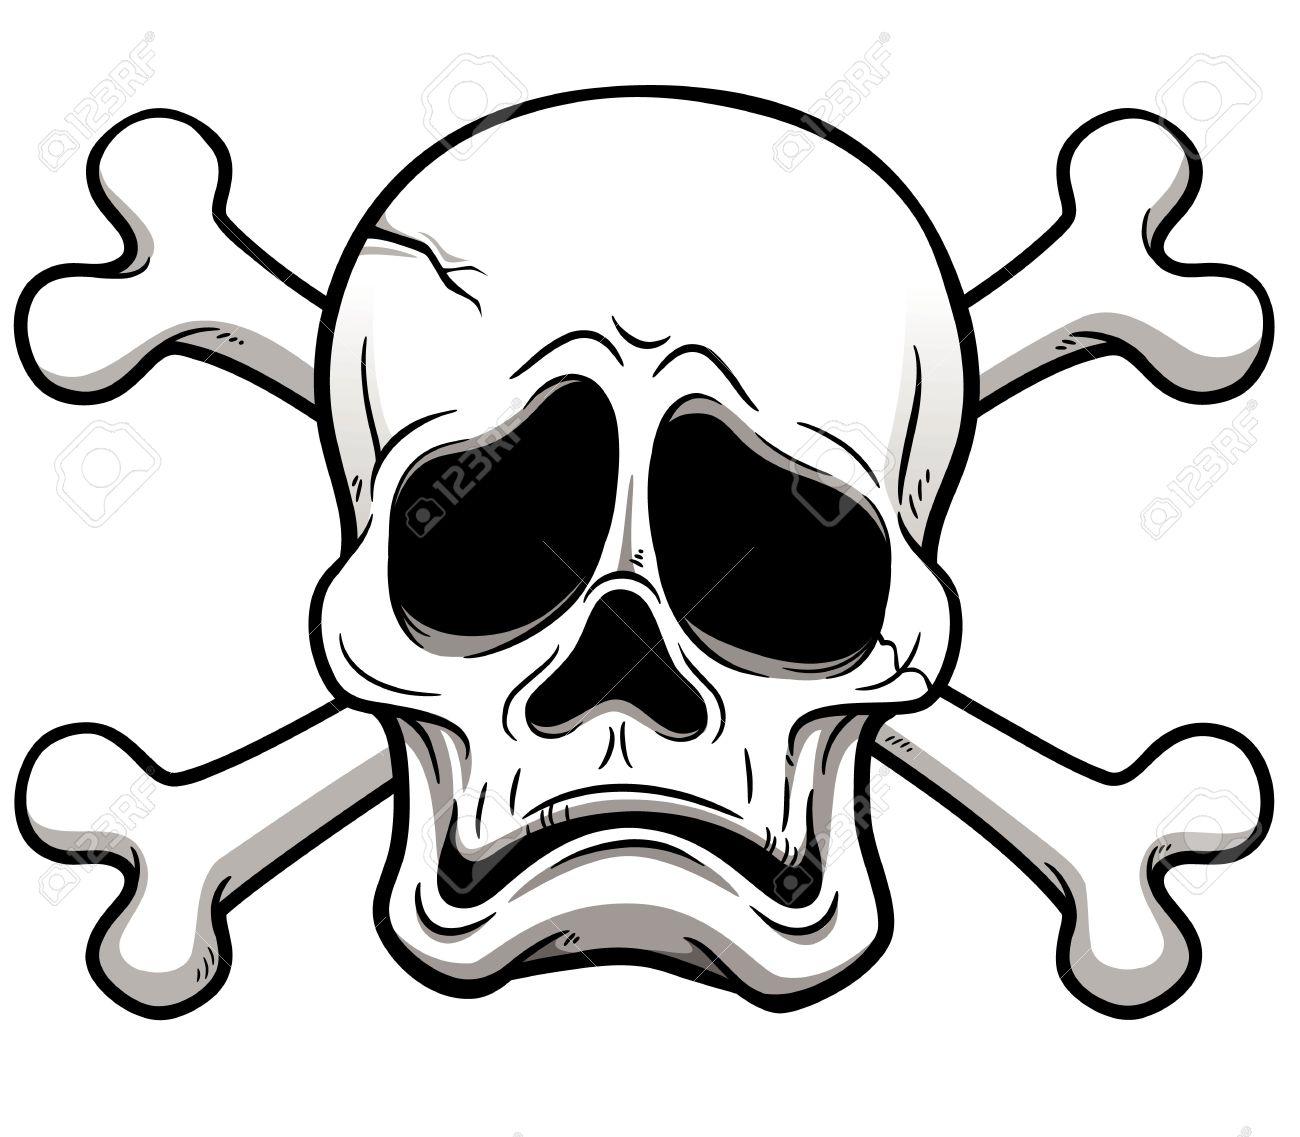 骸骨のイラストのイラスト素材ベクタ Image 19552790